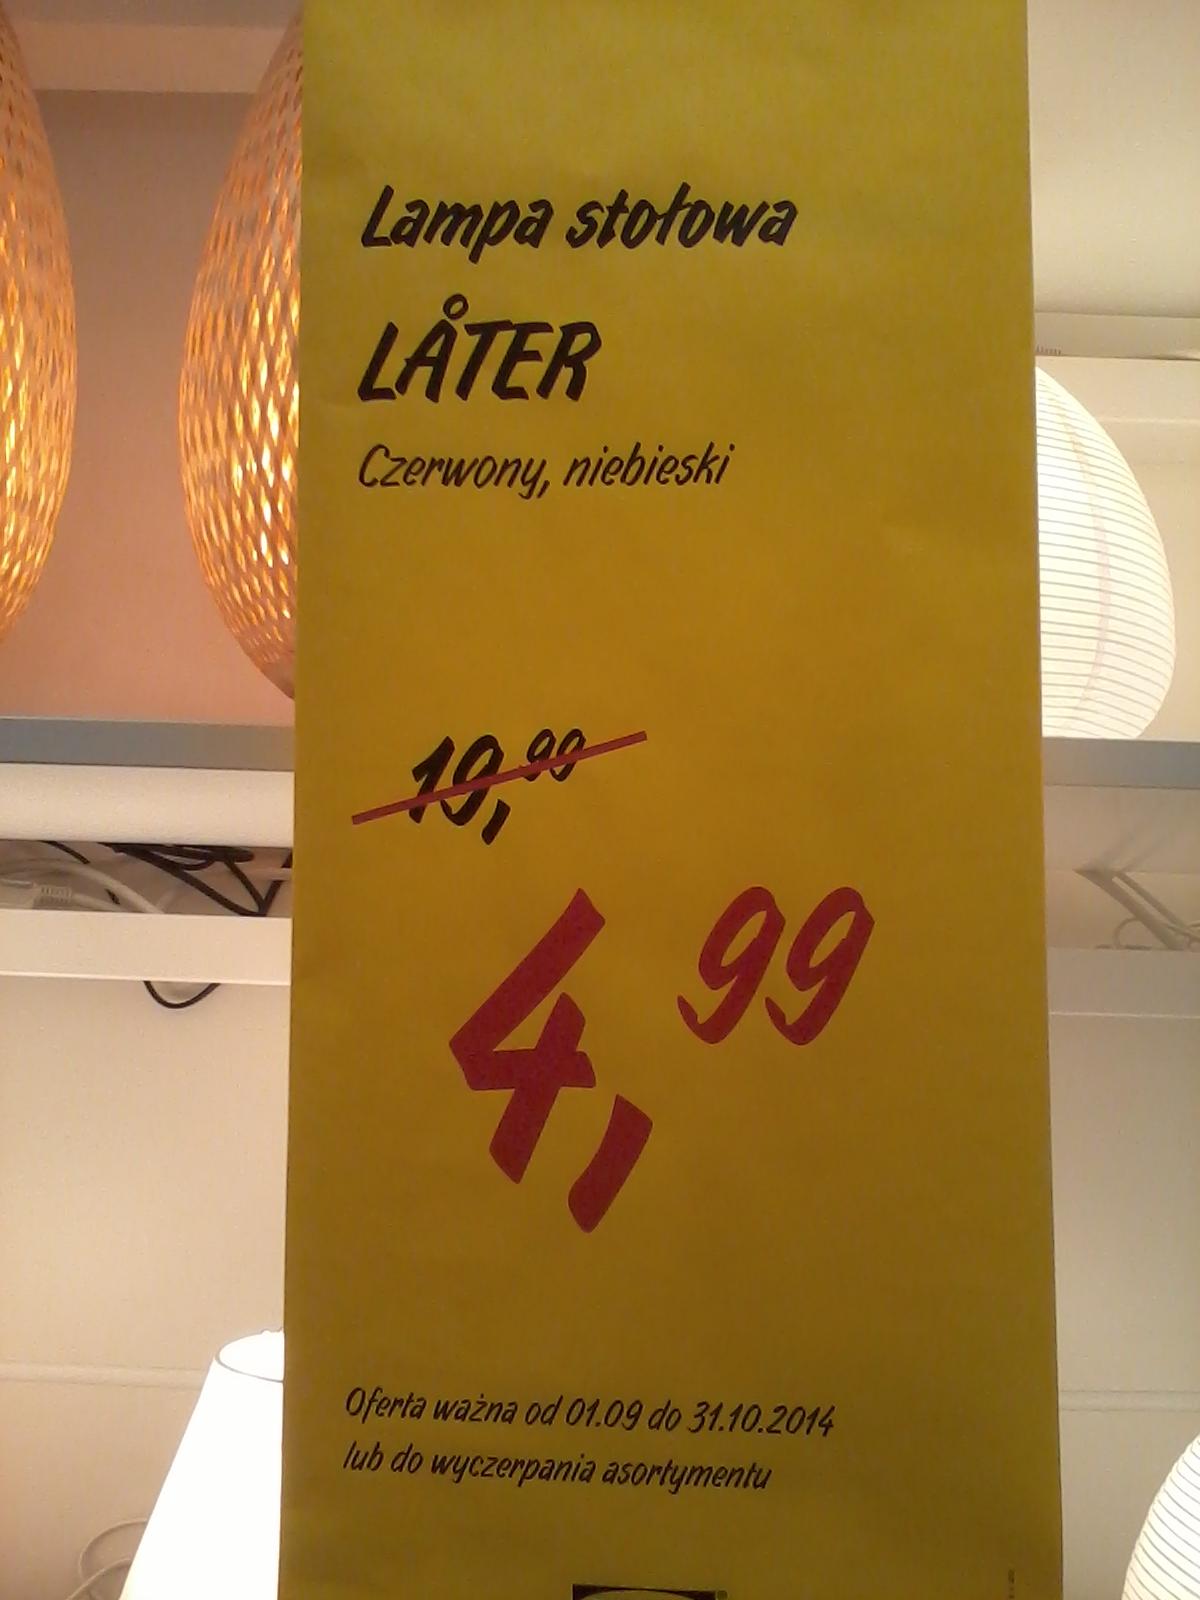 Lampka stołowa LATER za 4,99zł @ Ikea